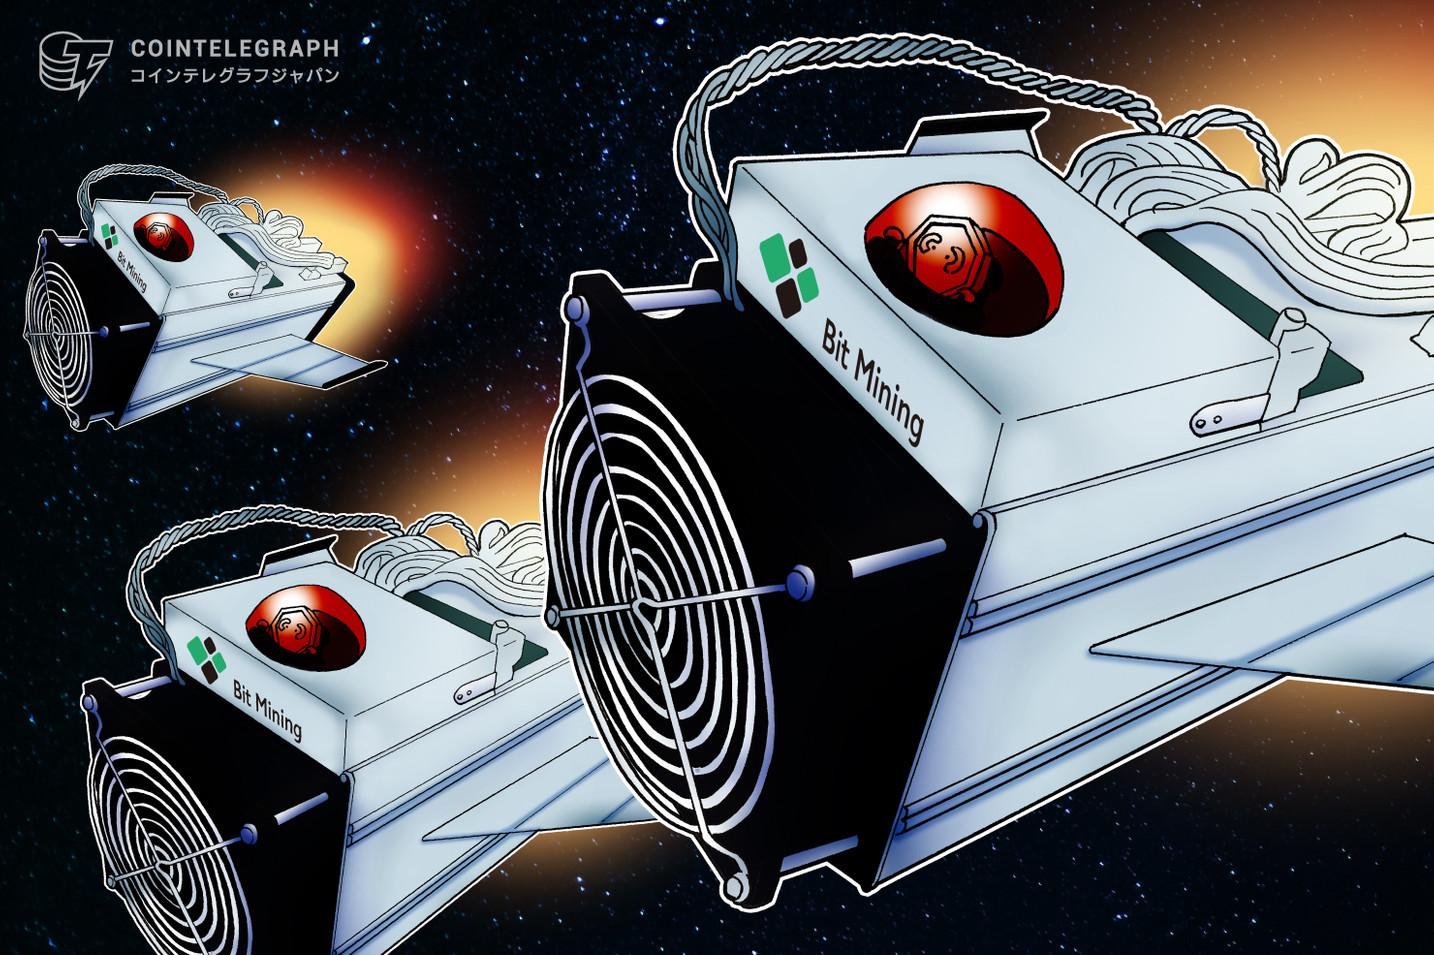 ビットコイン本格上昇前からはじめよう!安定収益のマイニング・サービス「Bit Mining」